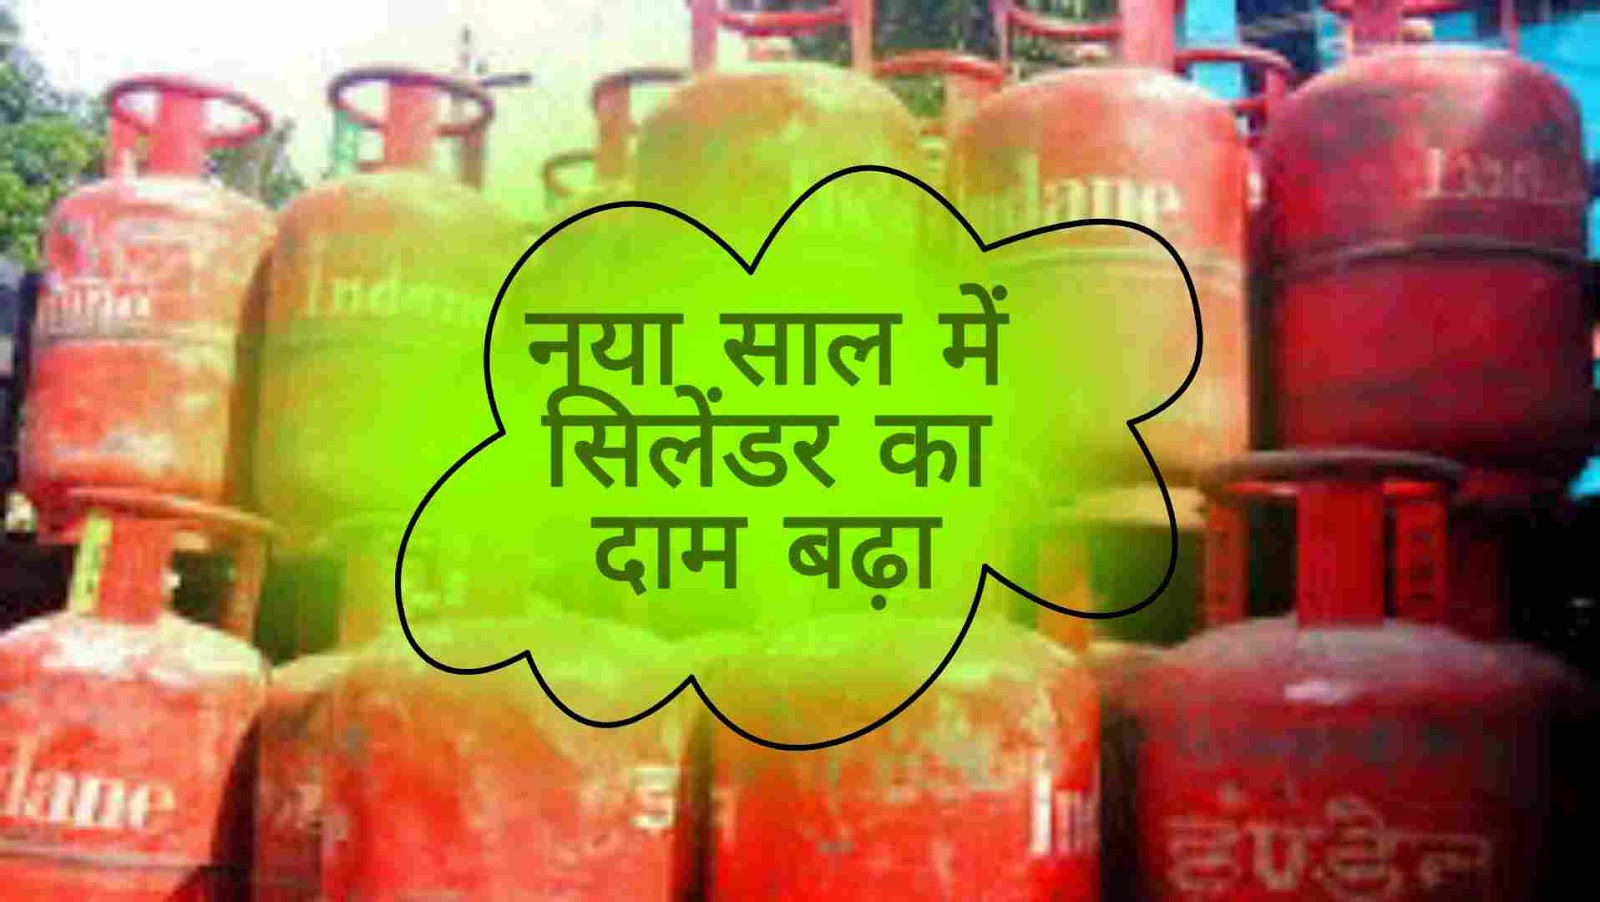 Cylinder%2Bnew%2Brate नया साल में जनता के लिए बुरी खबर , घरेलू और कोमर्सियल सिलेंडर हुआ महंगा।